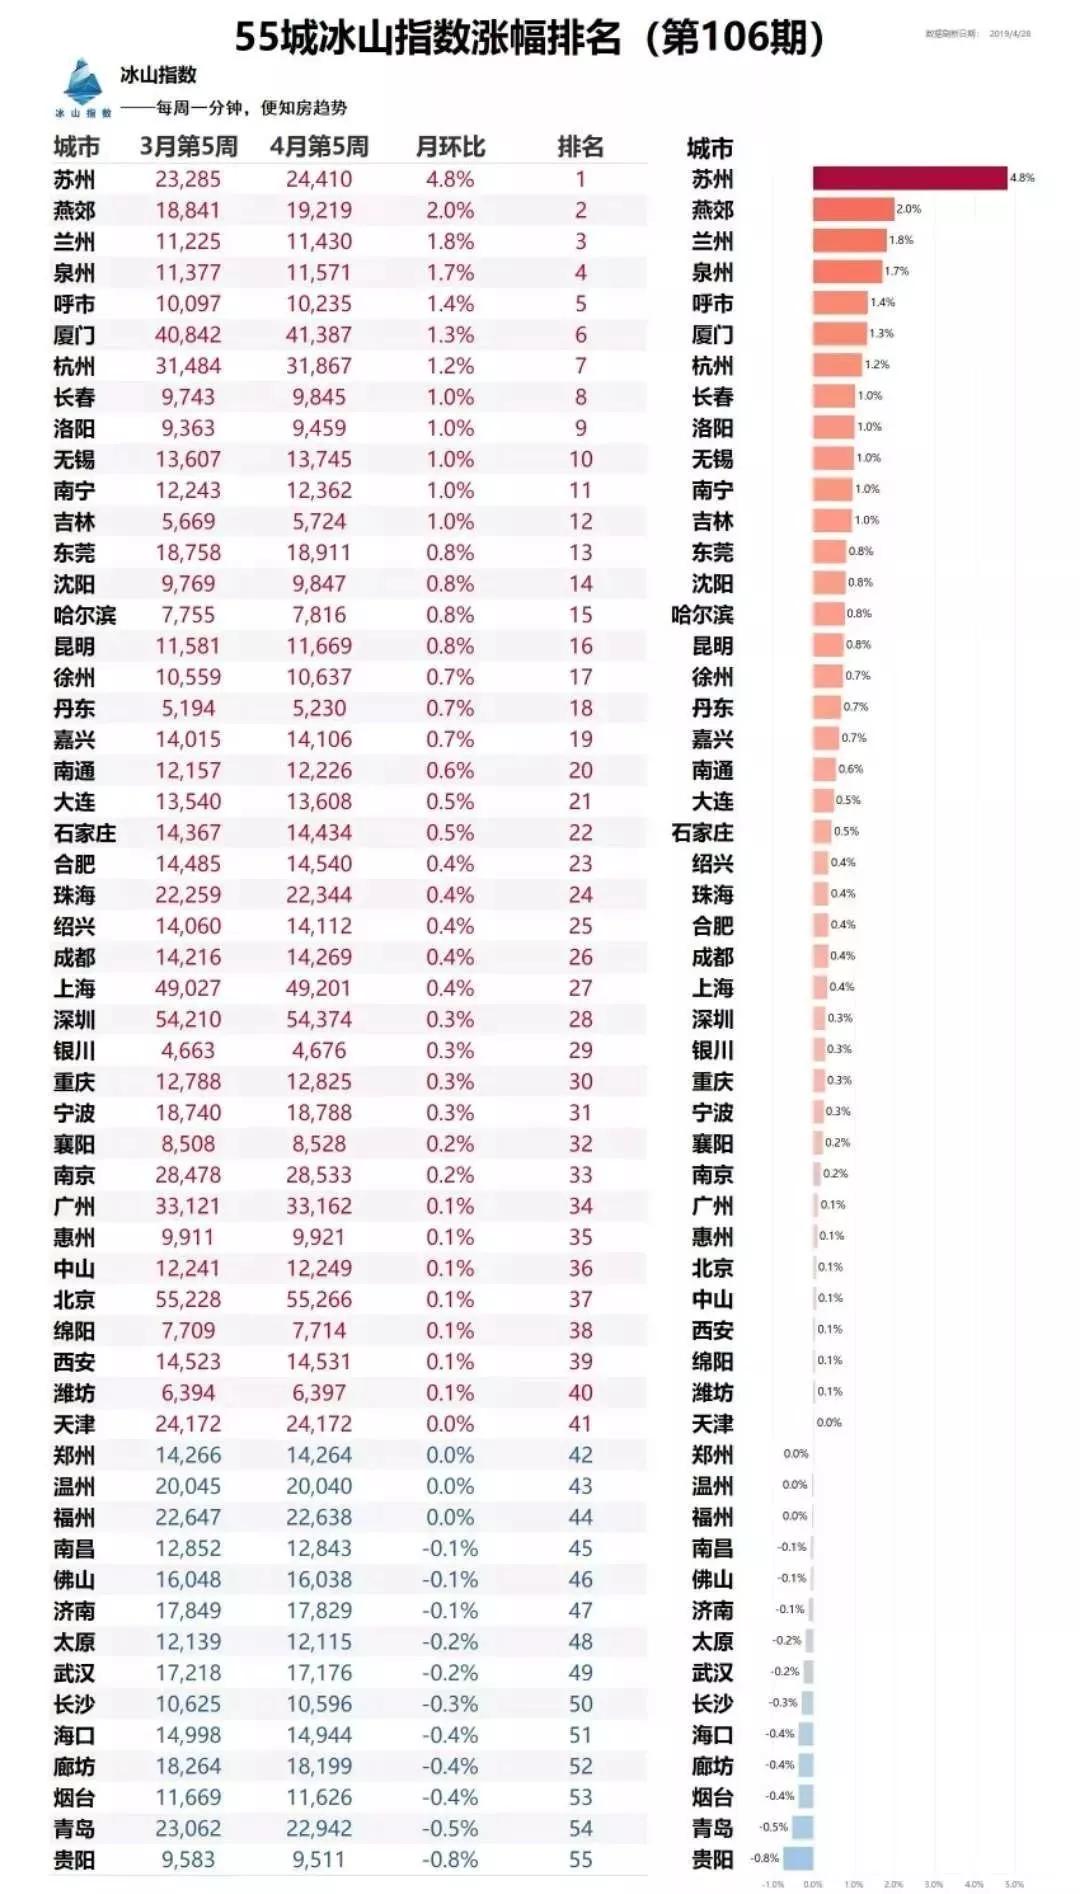 苏州楼市房价、成交量双双上涨 楼市调控新政欲出?